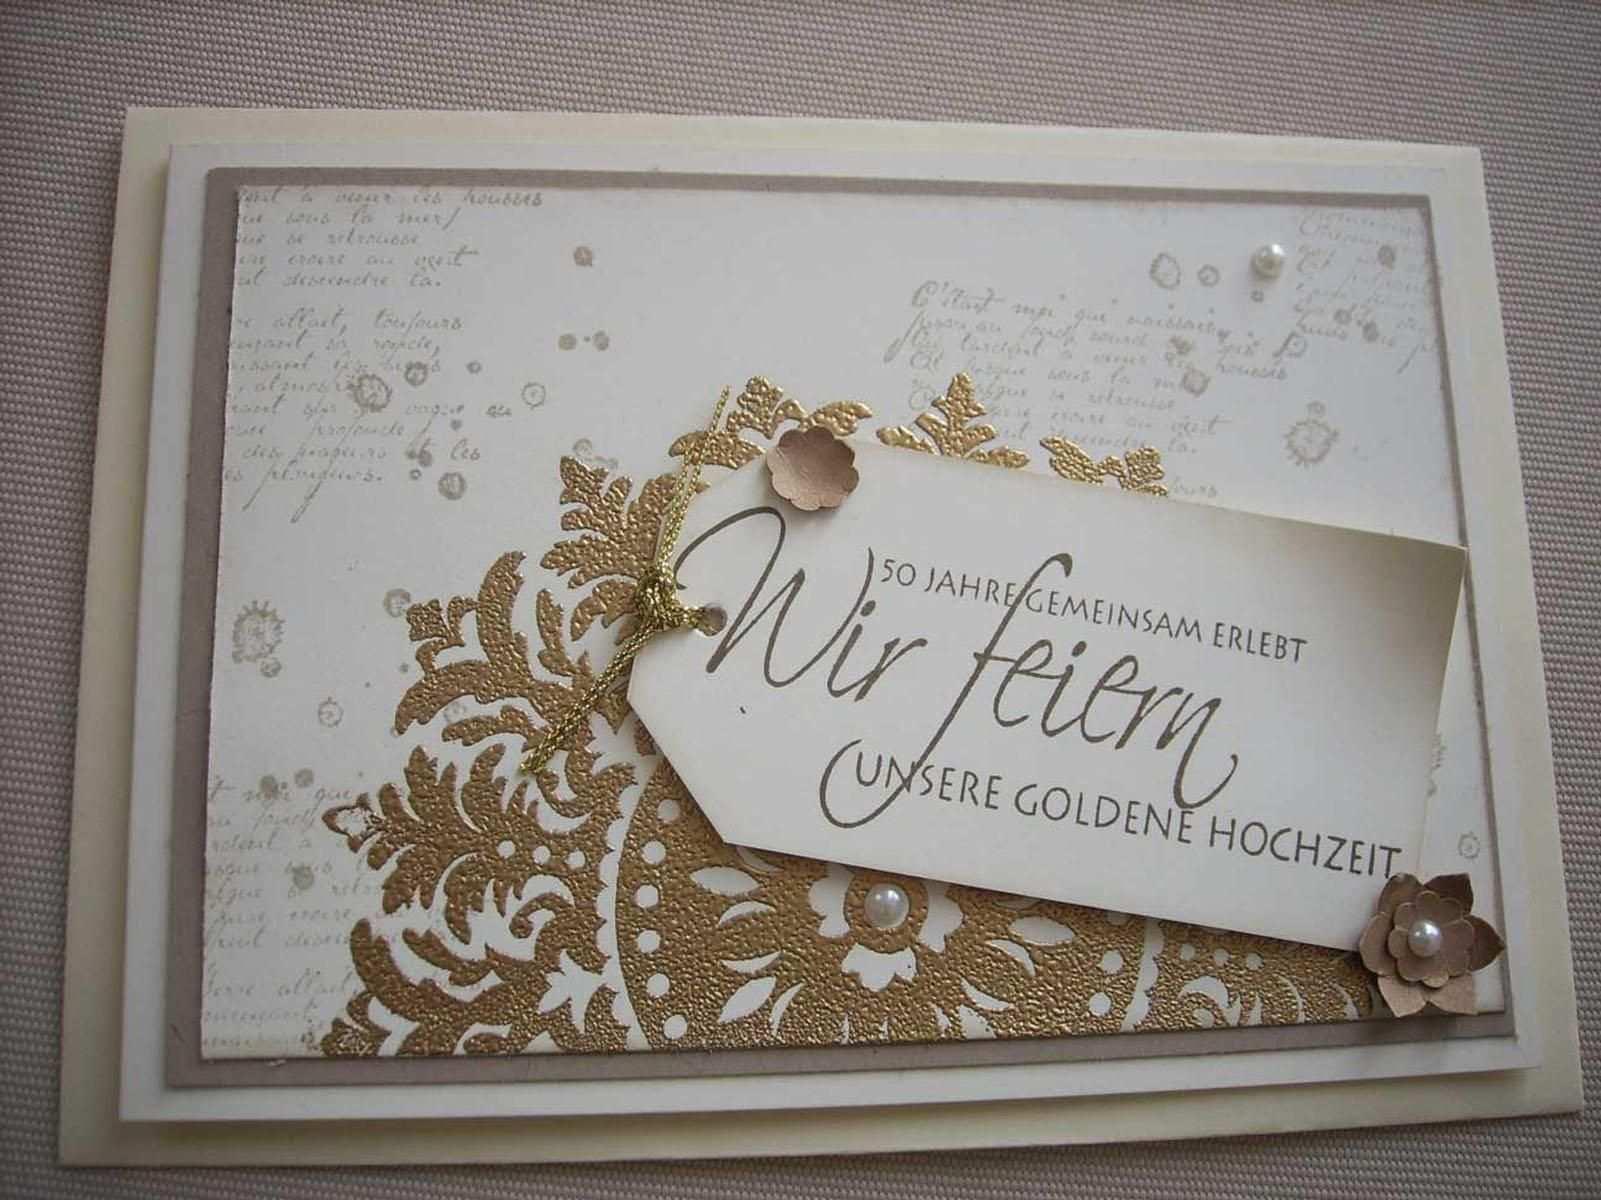 Einladungskarten Goldene Hochzeit Einladungskarten Goldene Hochzeit Einladung Goldene Hochzeit Einladungskarten Hochzeit